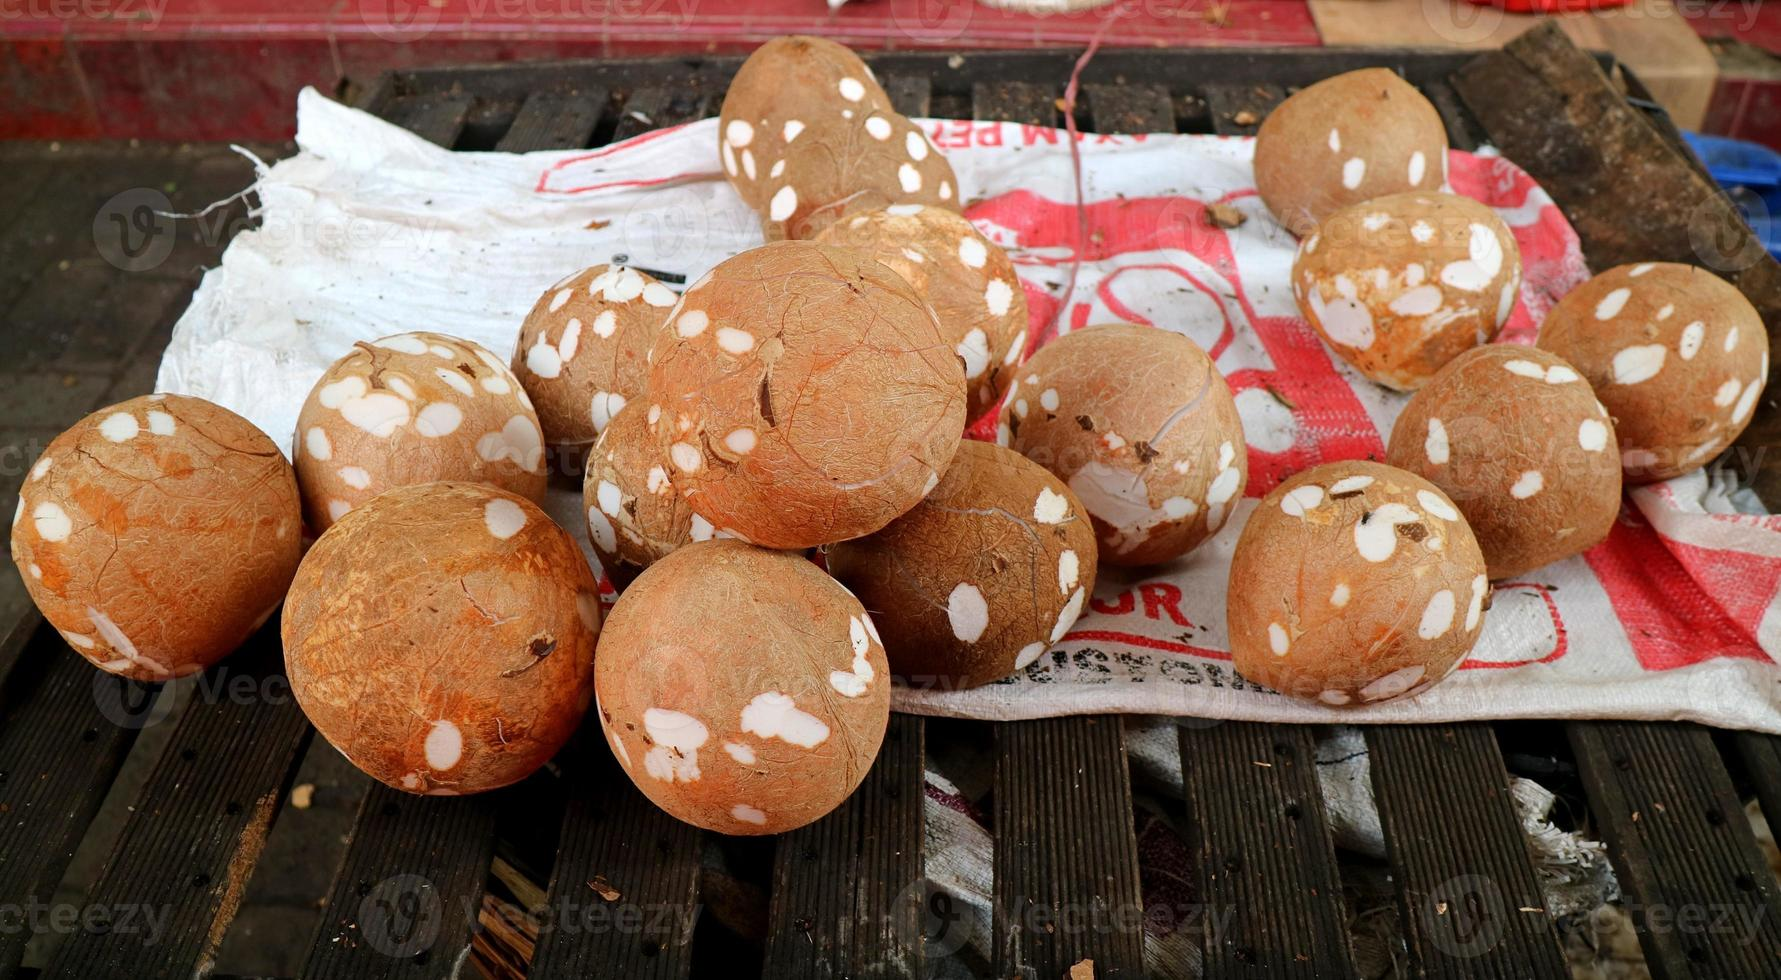 kokosnoot wordt verkocht door de traditionele markt foto